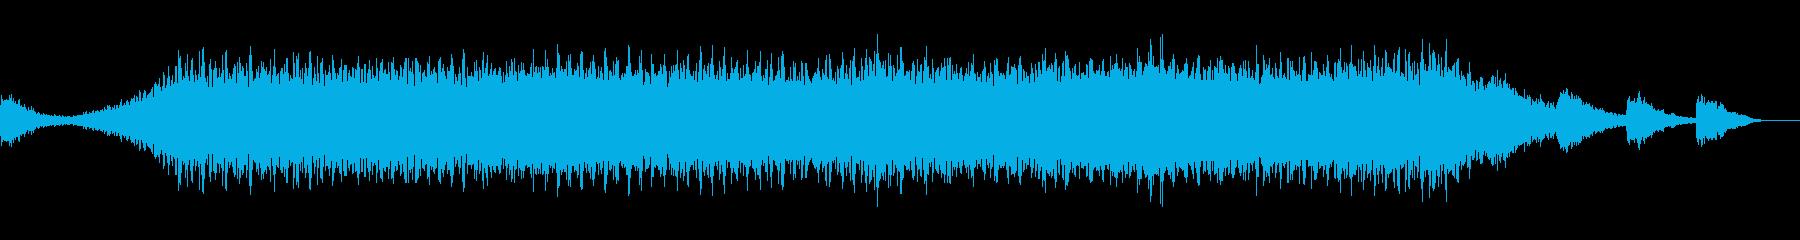 宇宙っぽいアンビエントの再生済みの波形